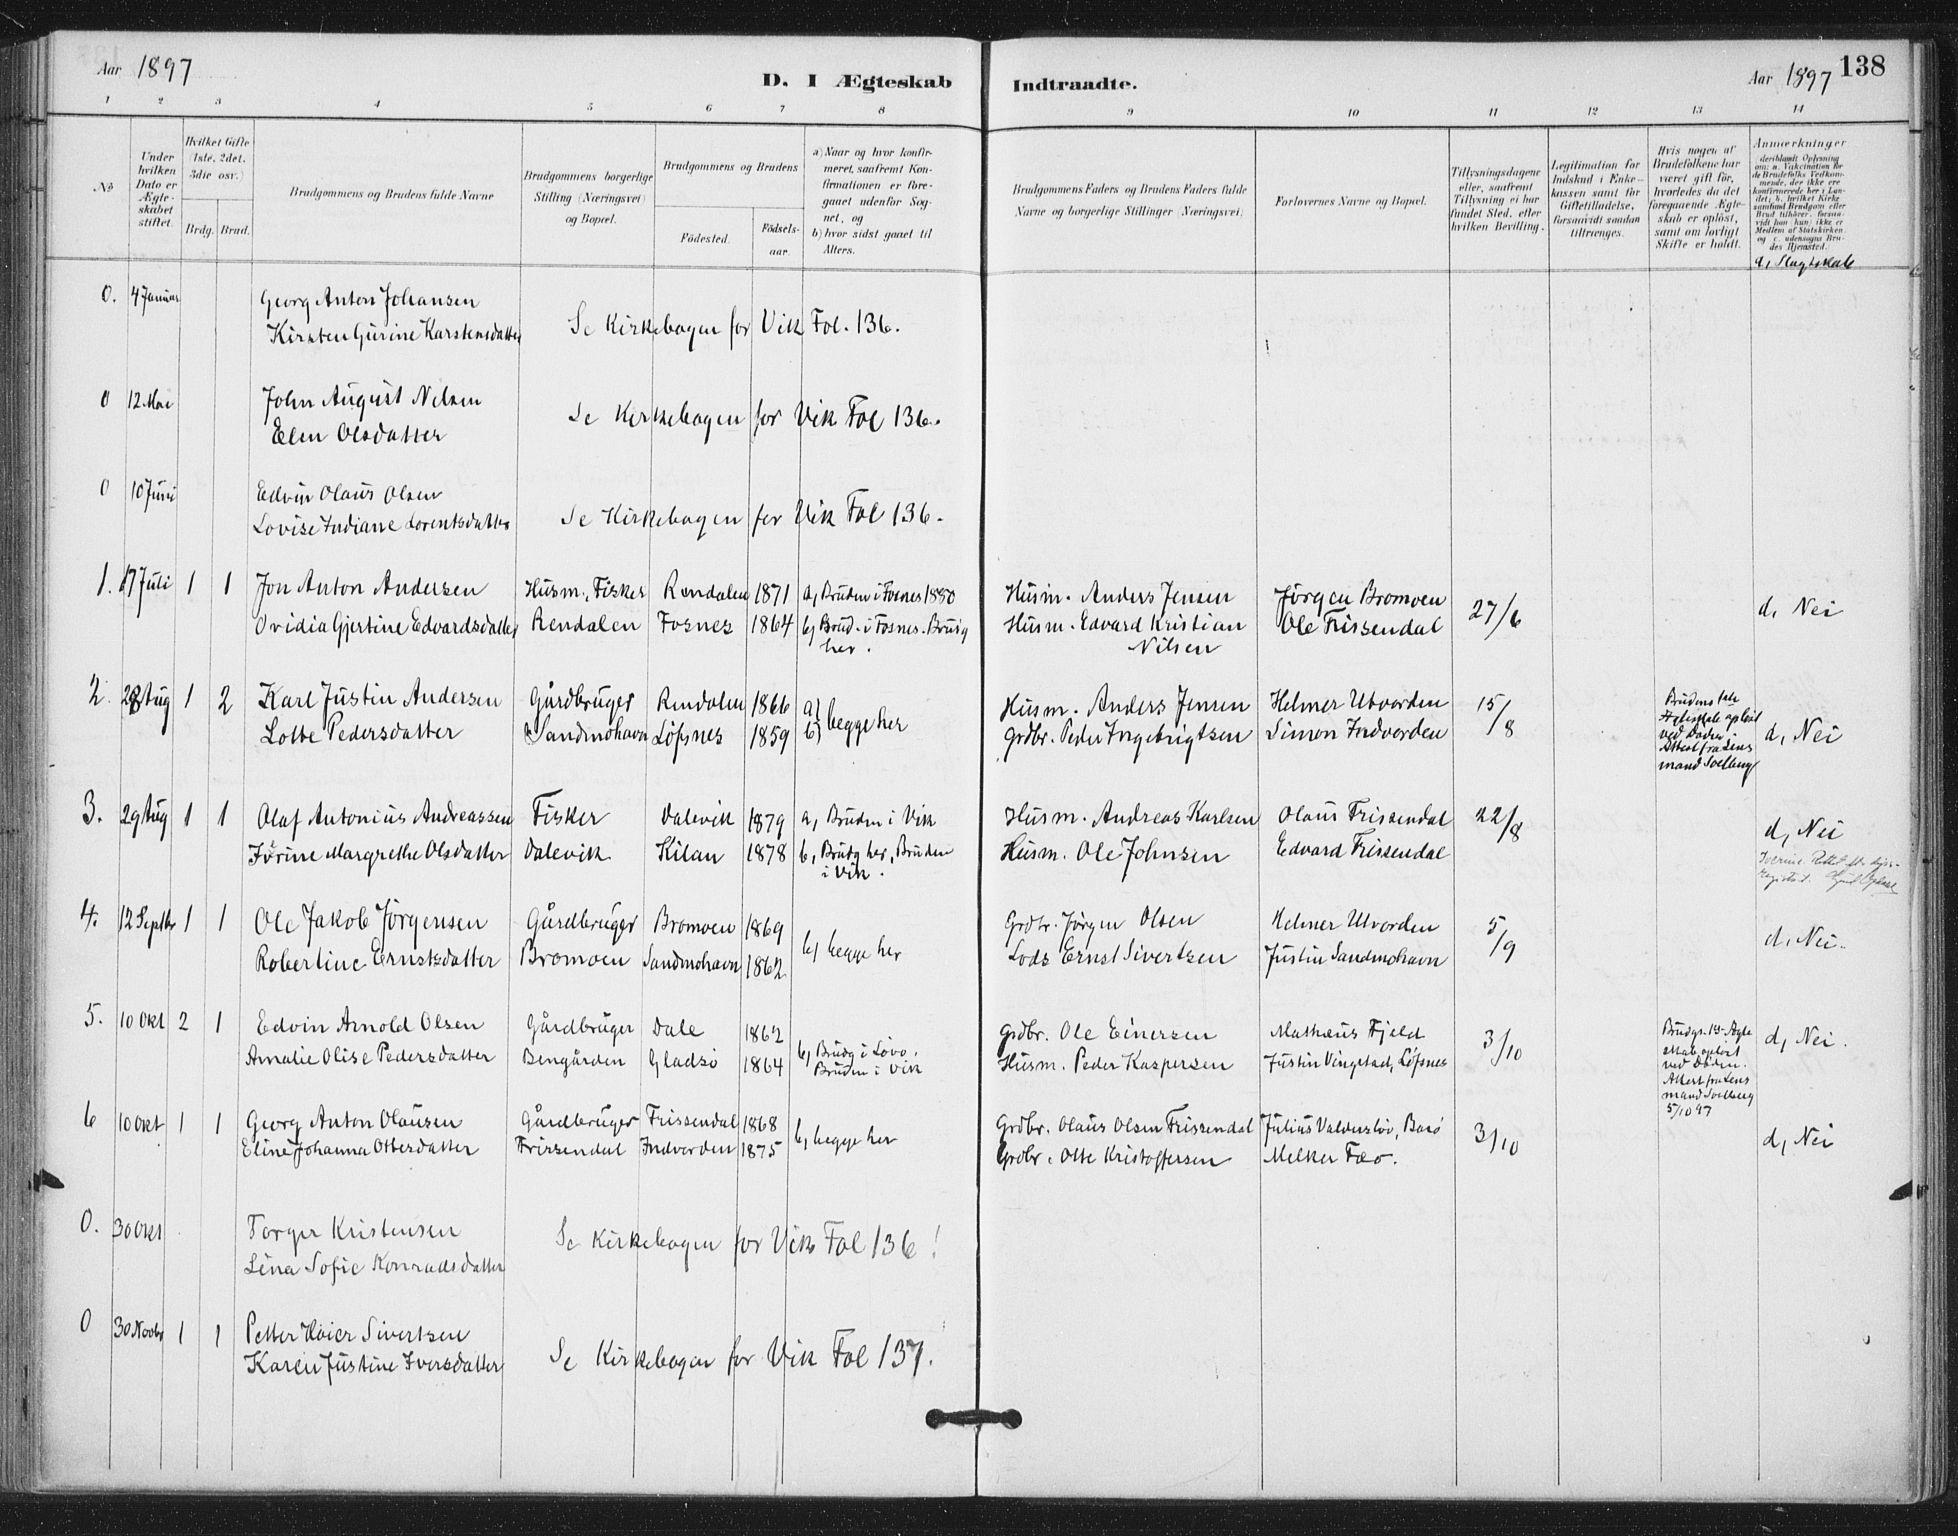 SAT, Ministerialprotokoller, klokkerbøker og fødselsregistre - Nord-Trøndelag, 772/L0603: Ministerialbok nr. 772A01, 1885-1912, s. 138